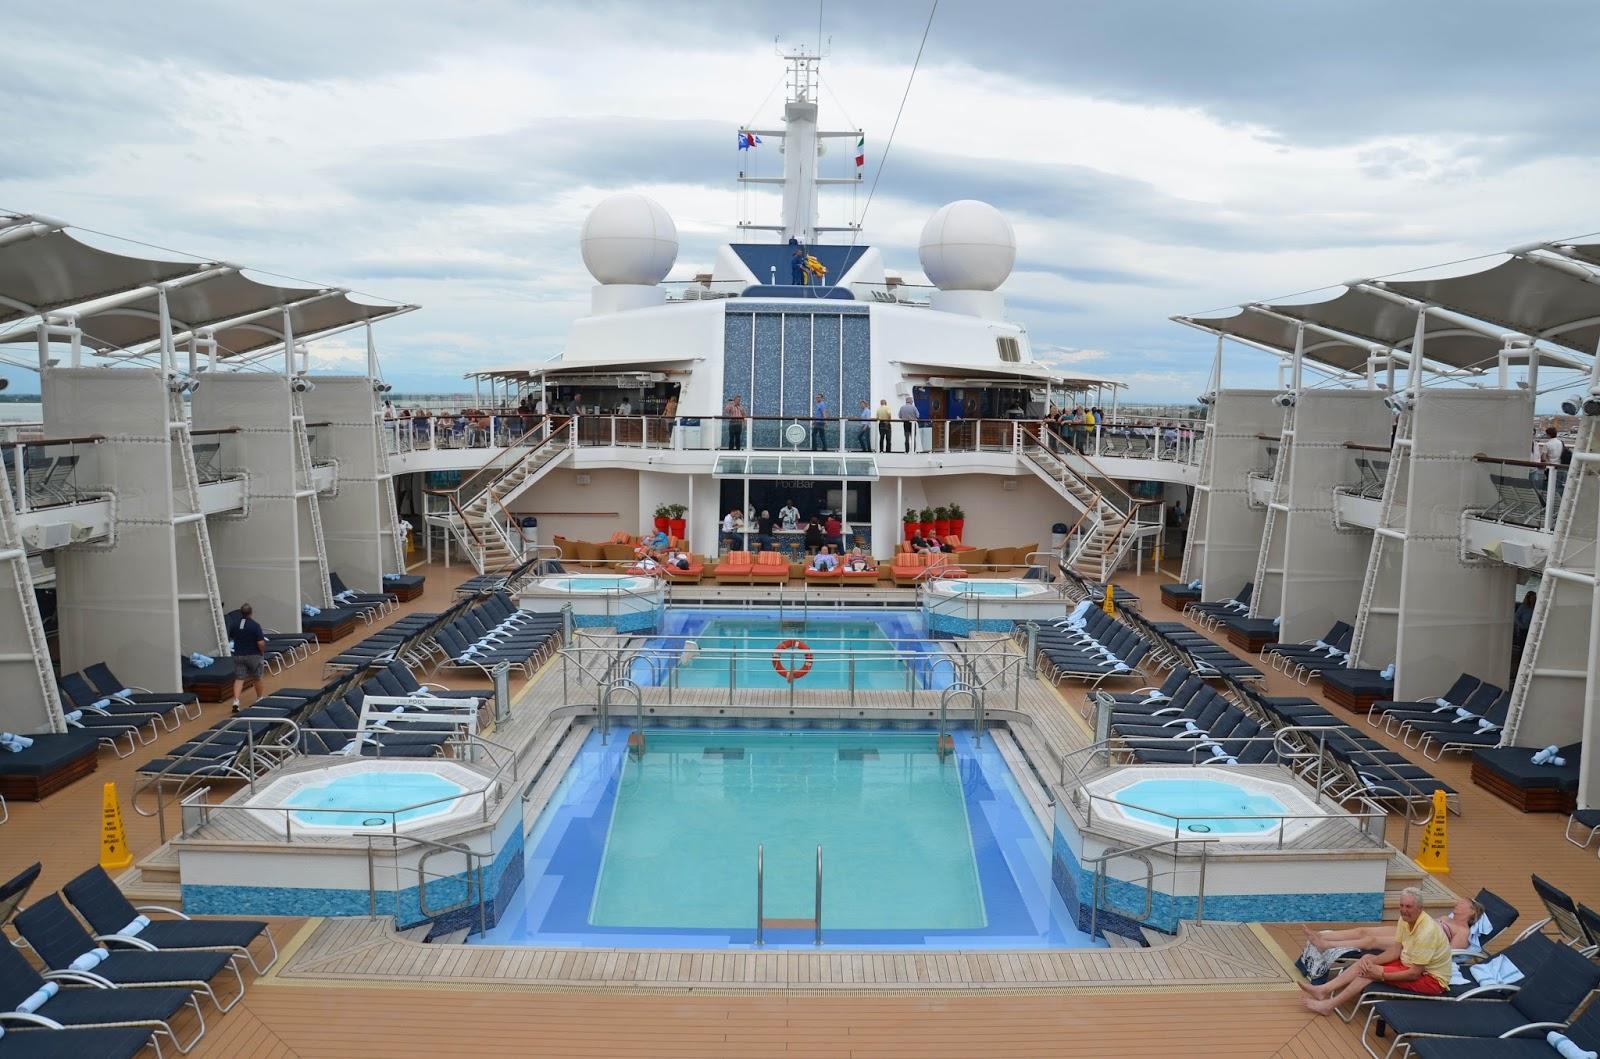 Silhouette Adriatic Cruise - Celebrity Cruises - Cruise ...